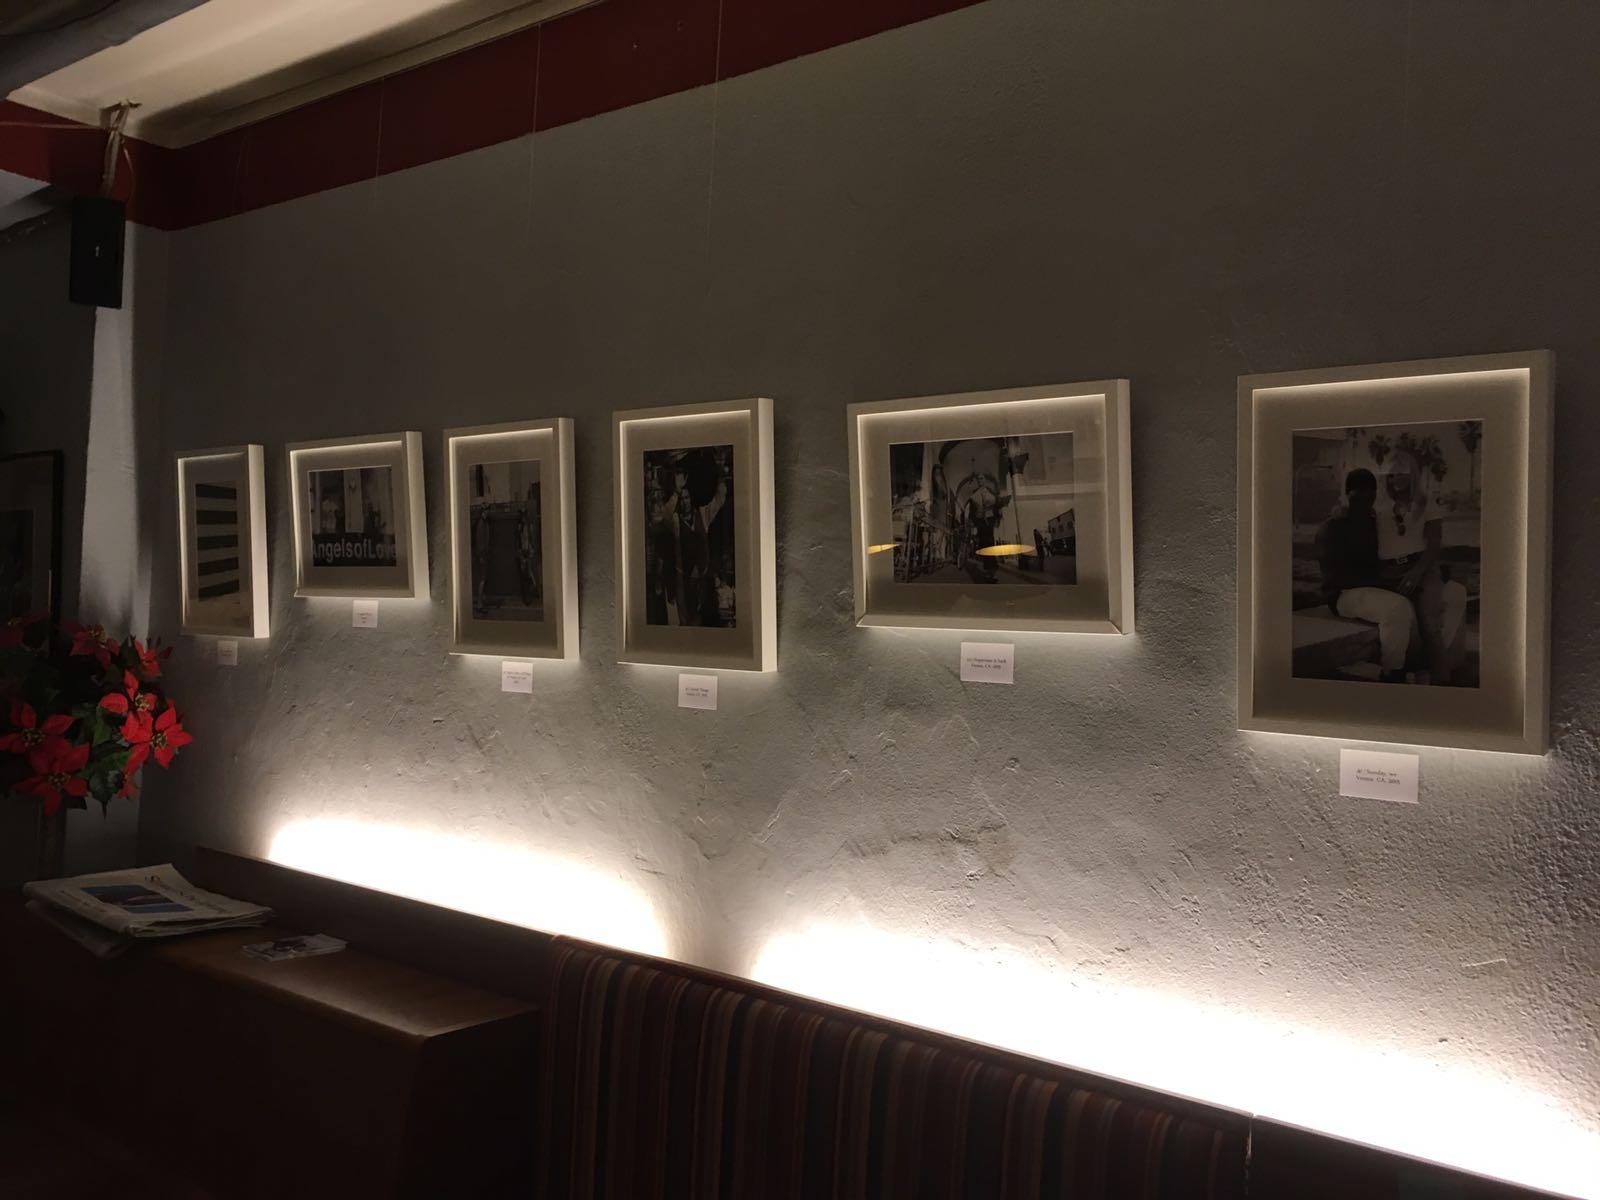 Kunst - Kultur - Blog aus München: FRAMED Analoge Photographien von ...